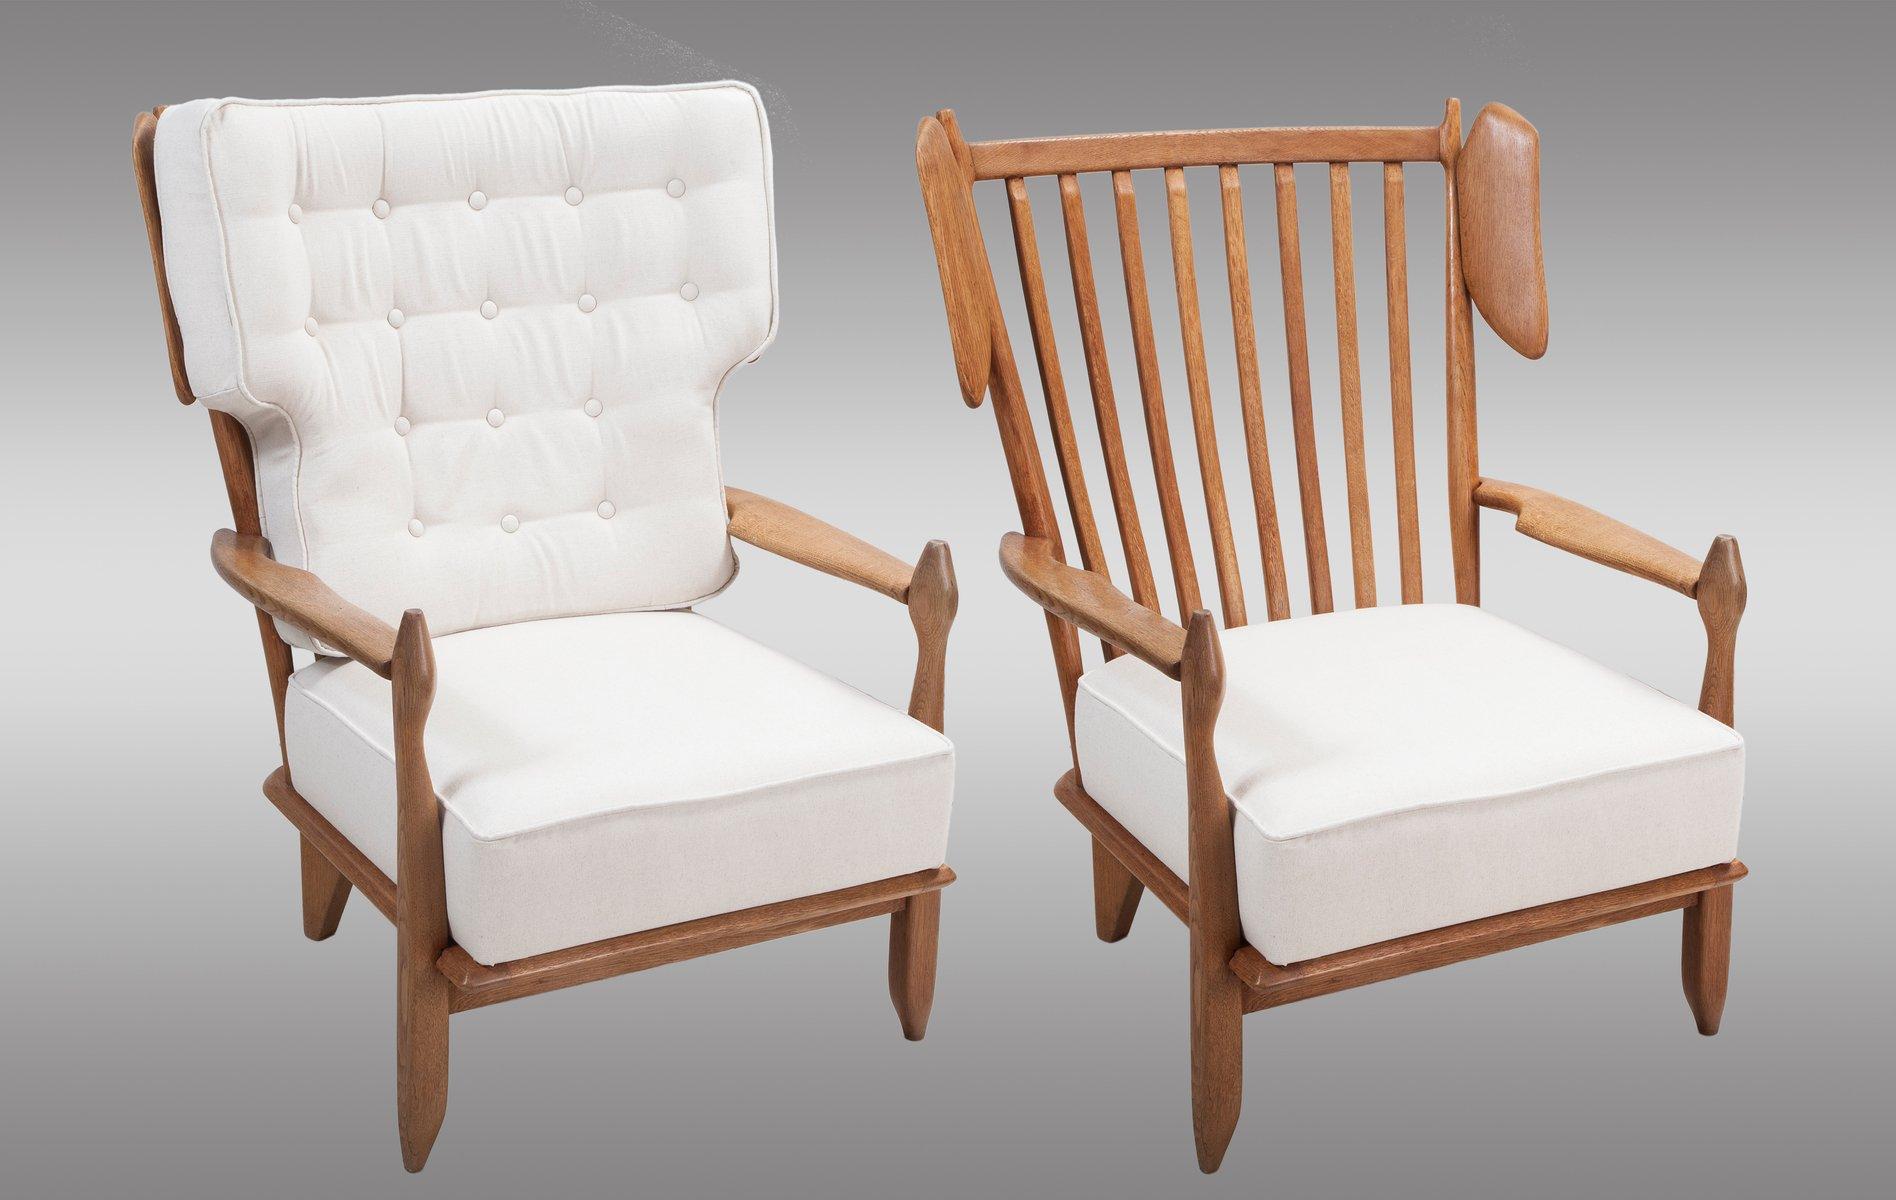 franz sischer stuhl aus massiver eiche mit hoher r ckenlehne von guillerme et chambron f r votre. Black Bedroom Furniture Sets. Home Design Ideas